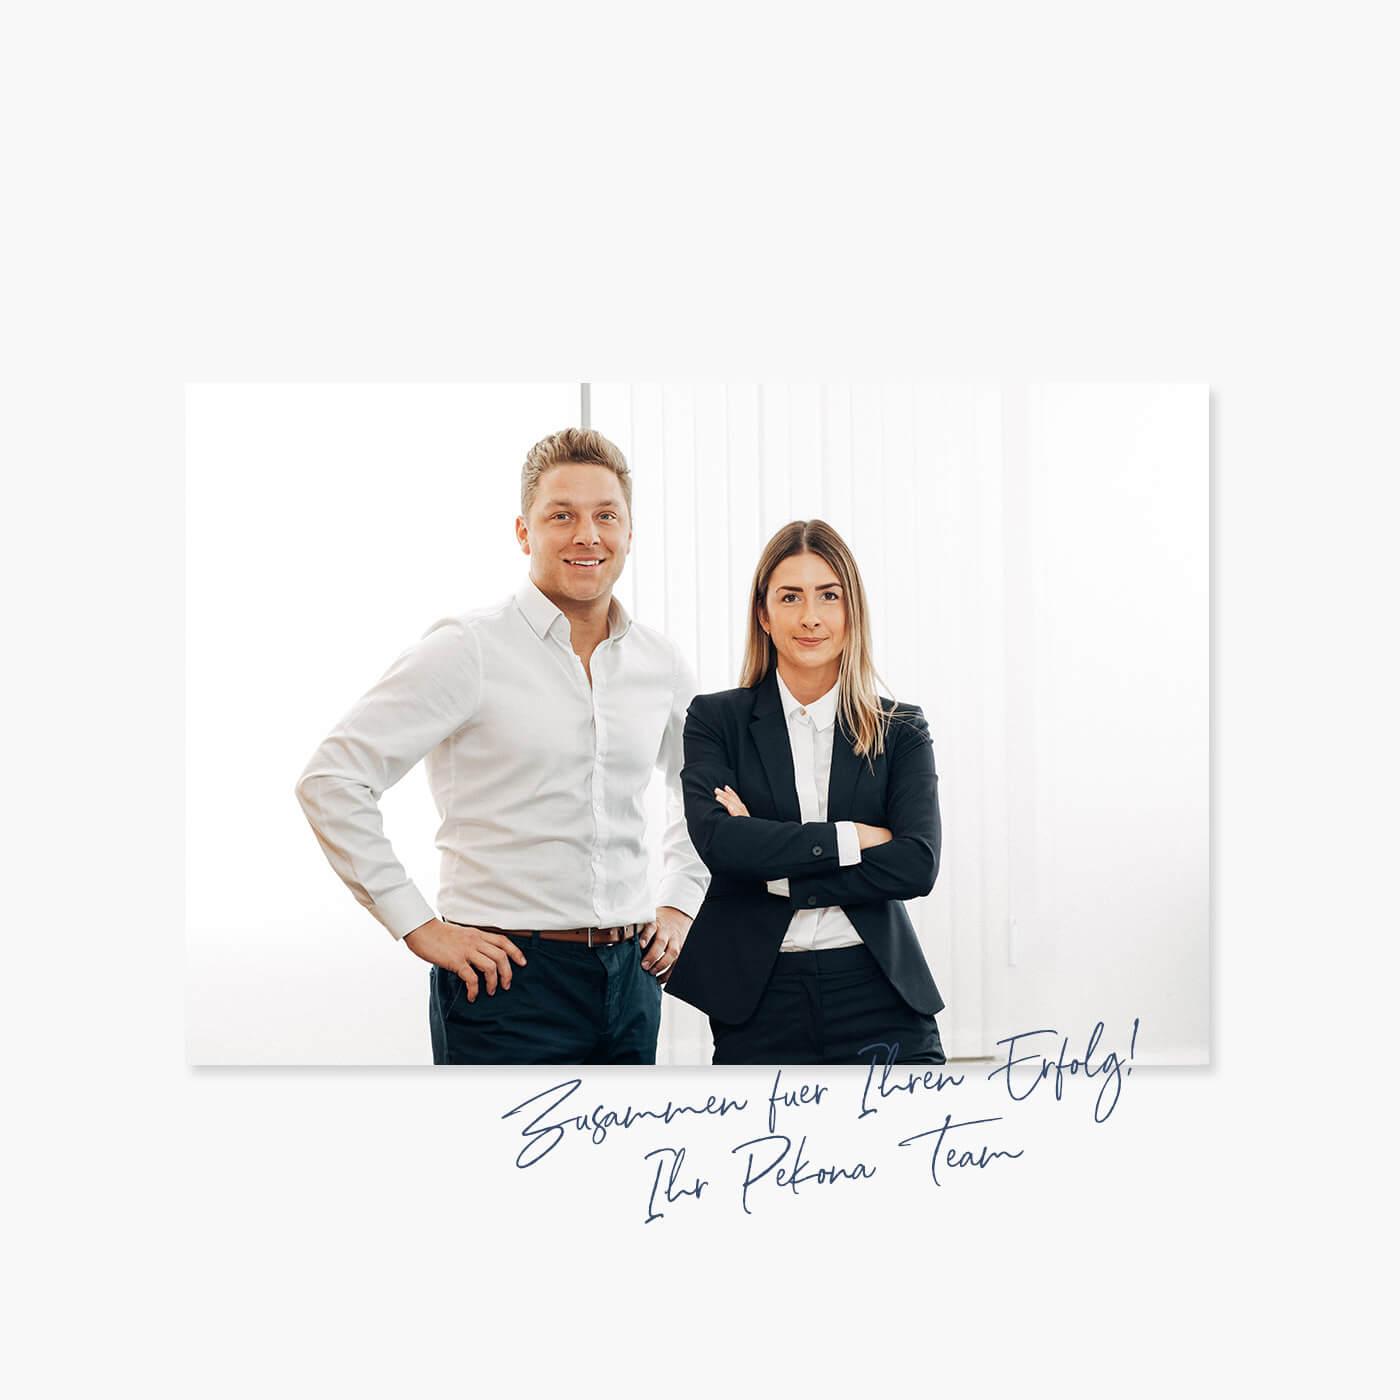 Das Bild zeigt zwei Immobilienmakler aus dem Pekona Immobilienbüro Schwabach.